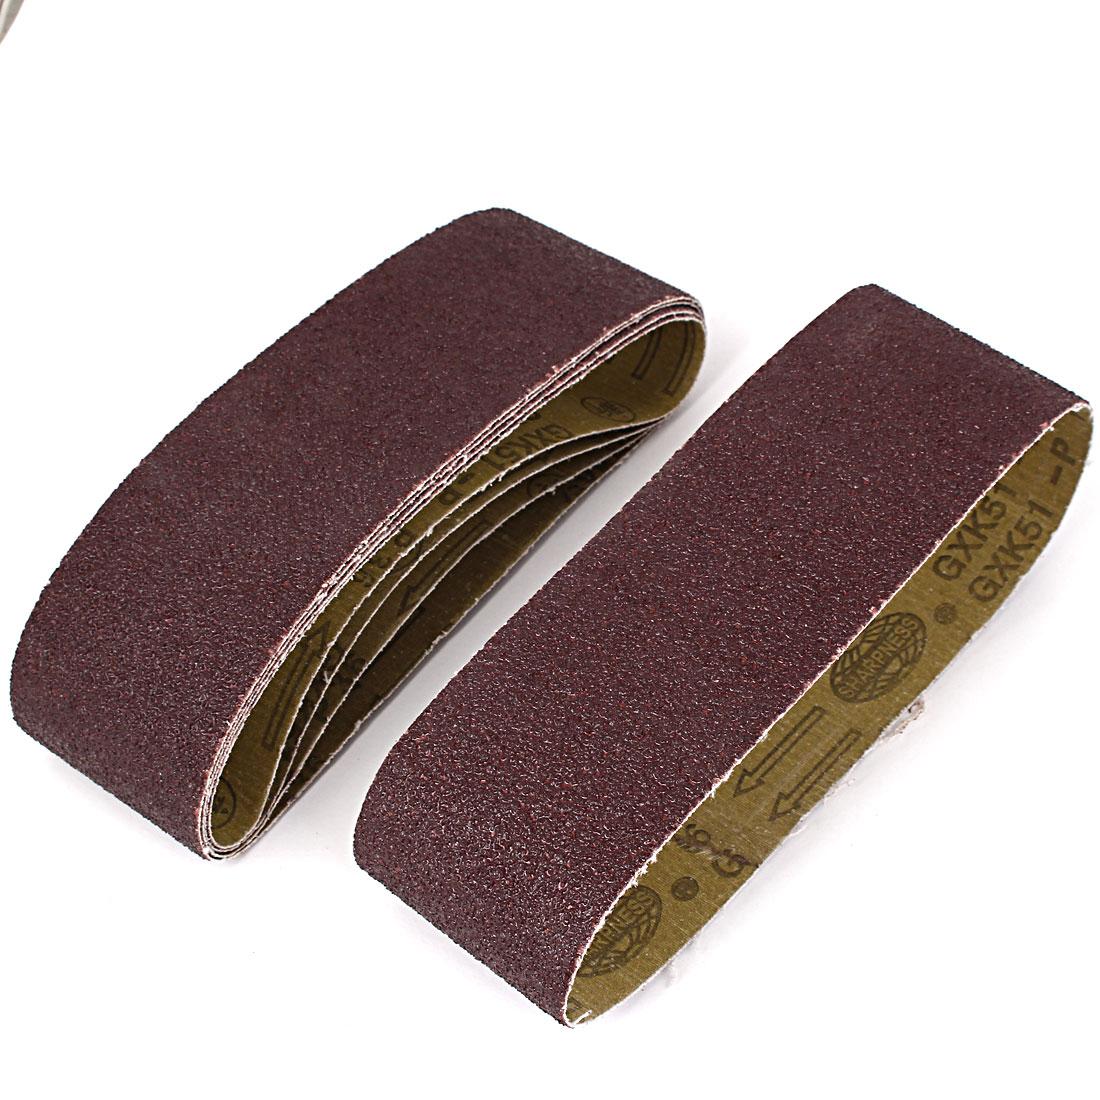 Sander Polishing Machine 533x75mm 36 Grit Brushed Abrasive Sanding Belt Sandpaper 5pcs